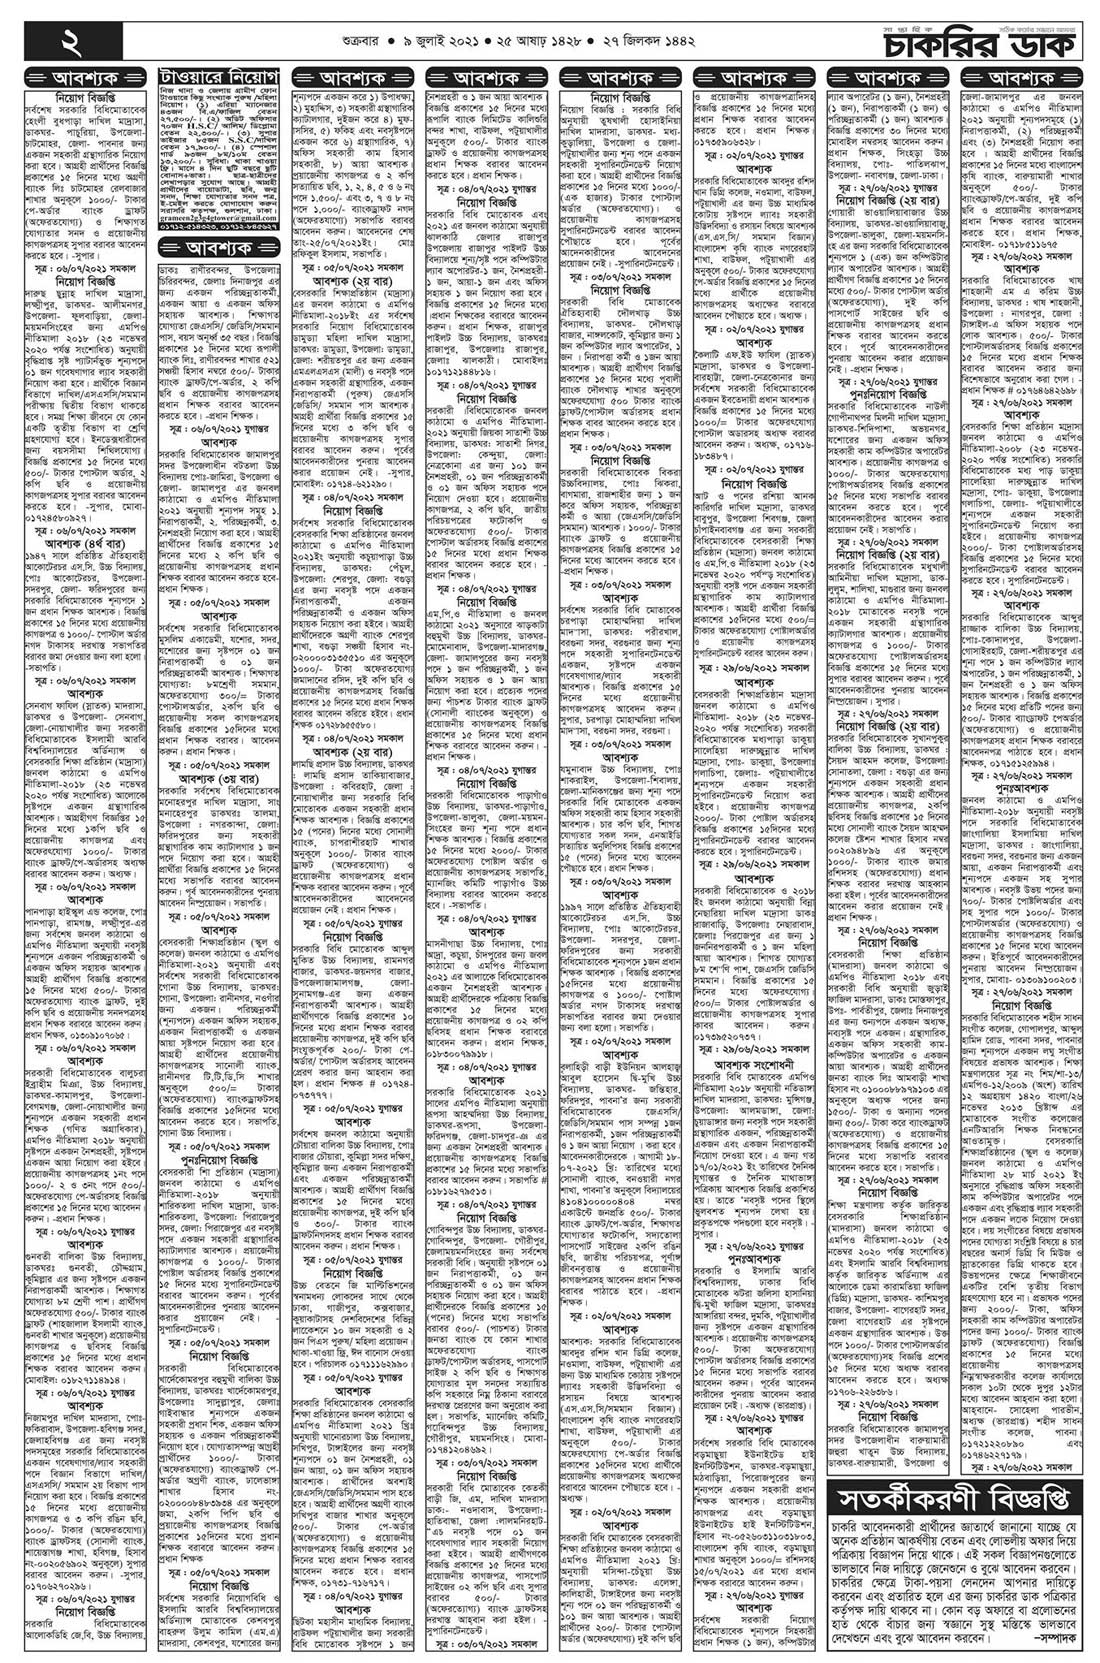 সাপ্তাহিক চাকরির ডাক পত্রিকা ০৯ জুলাই ২০২১ - Saptahik Chakrir Dak Potrika 09 July 2021 PDF Download - weekly Chakrir Dak Potrika 09 July 2021